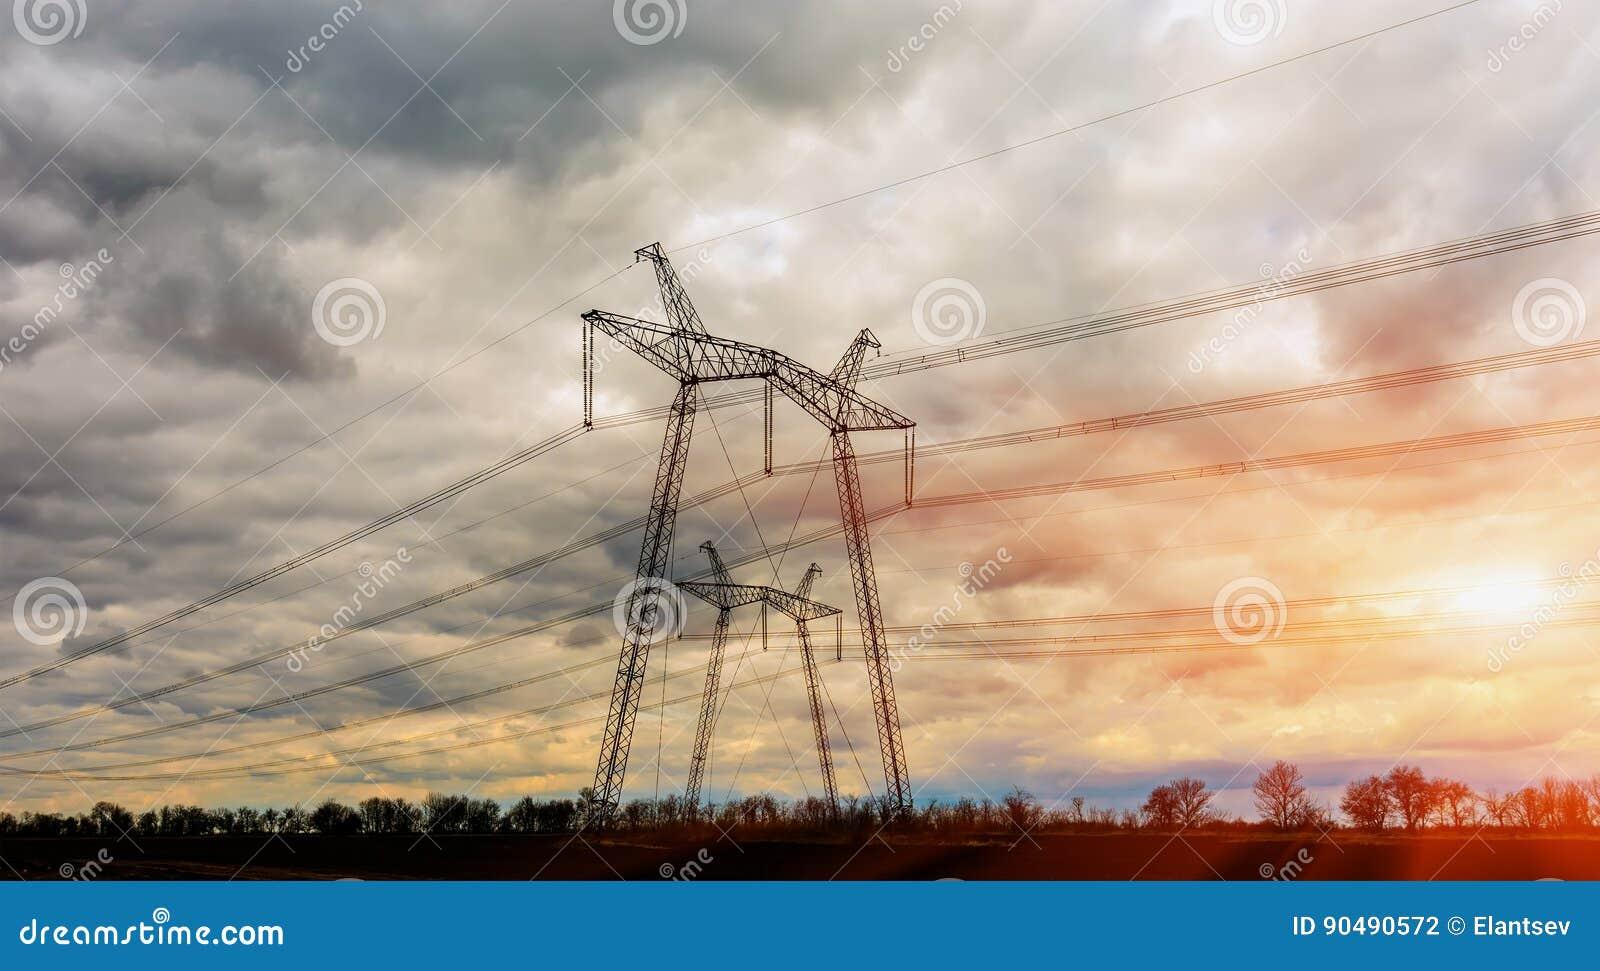 电定向塔-顶上的输电线传输塔